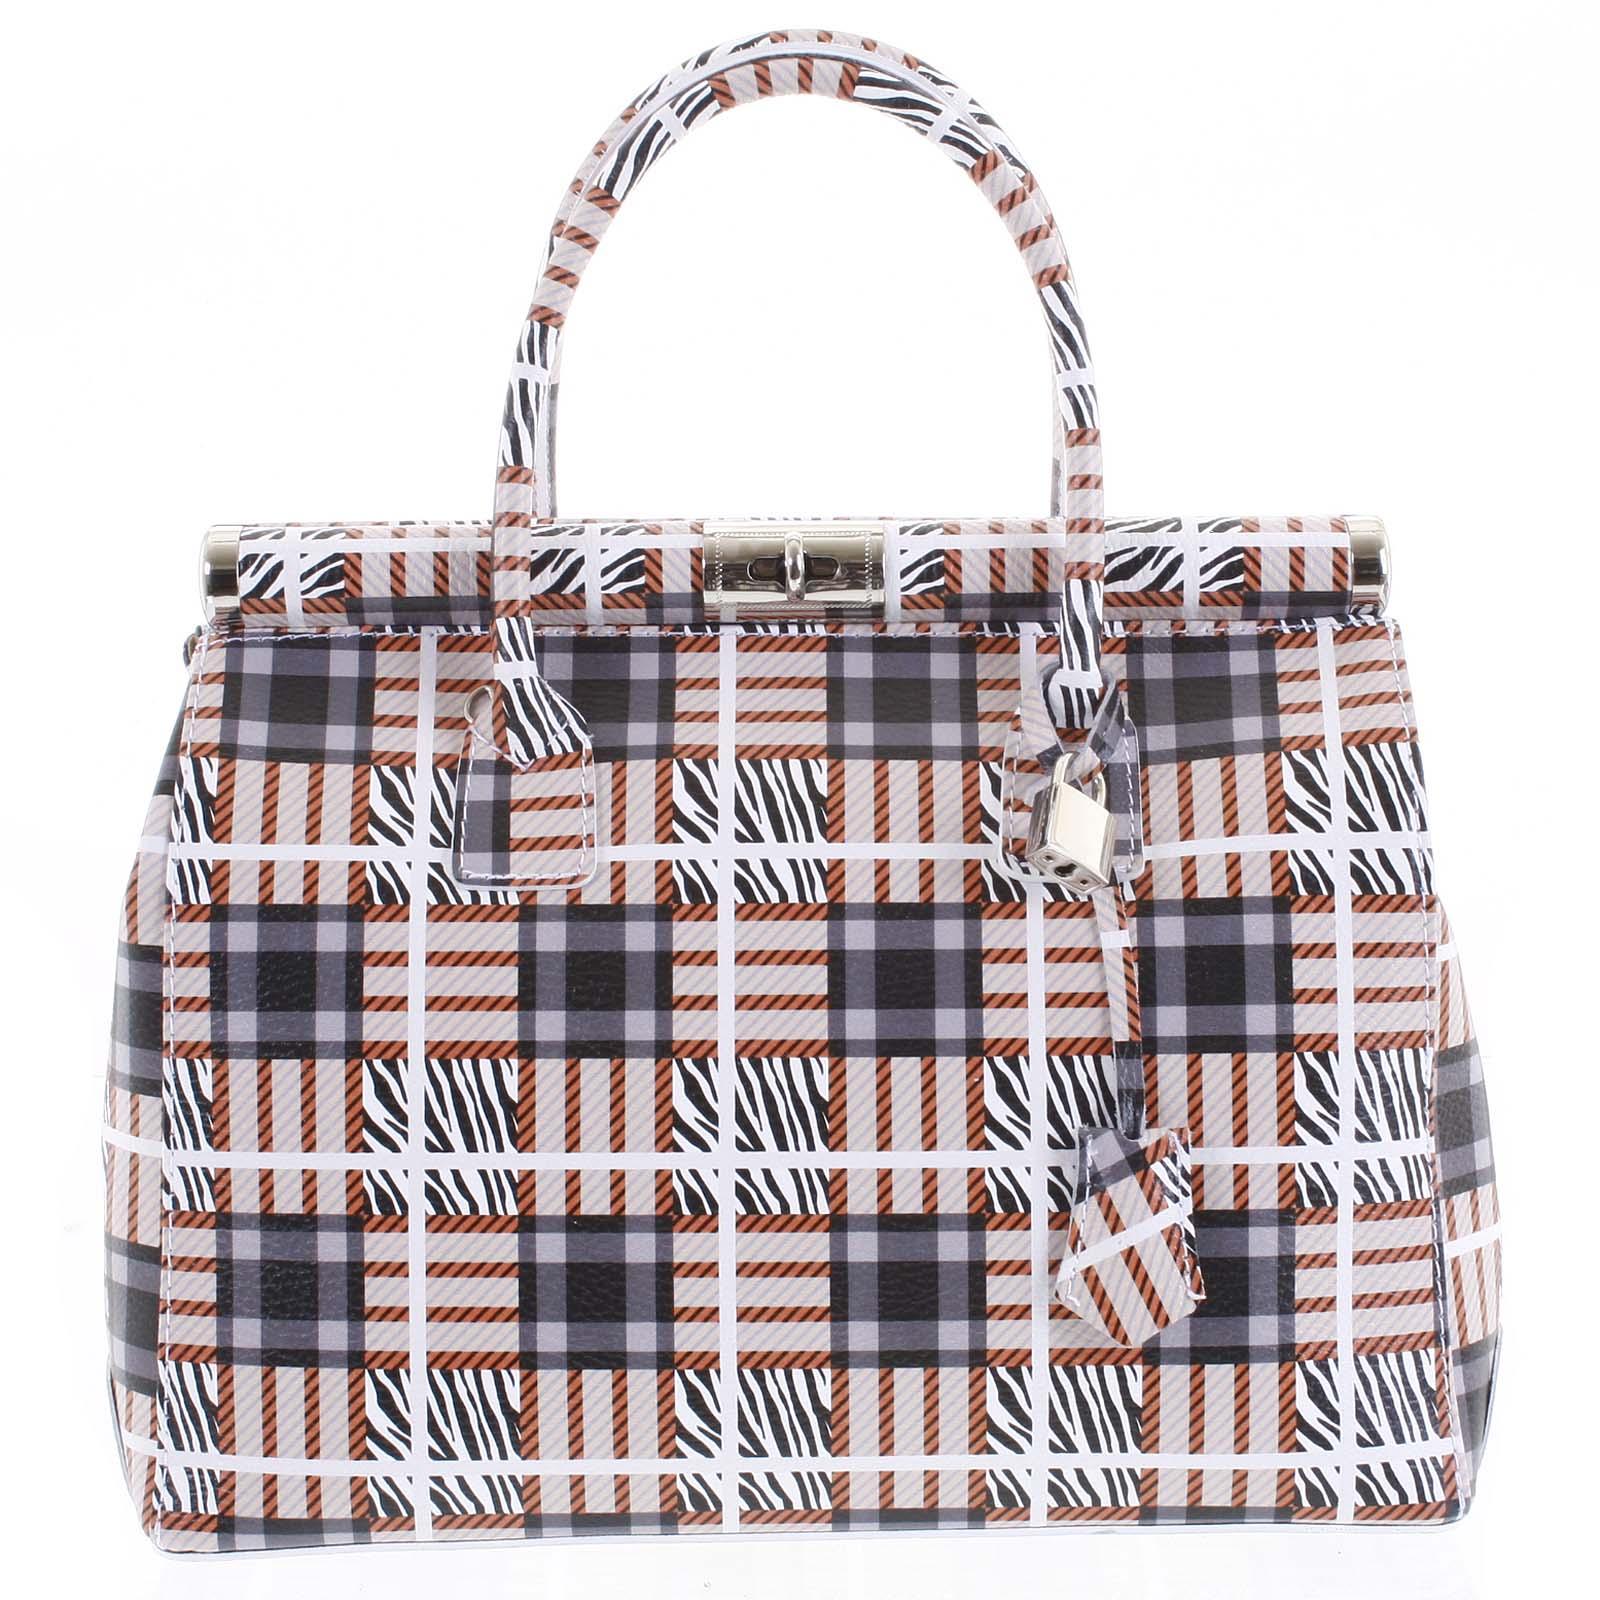 Módní originální dámská kožená kabelka do ruky barevná - ItalY Hila